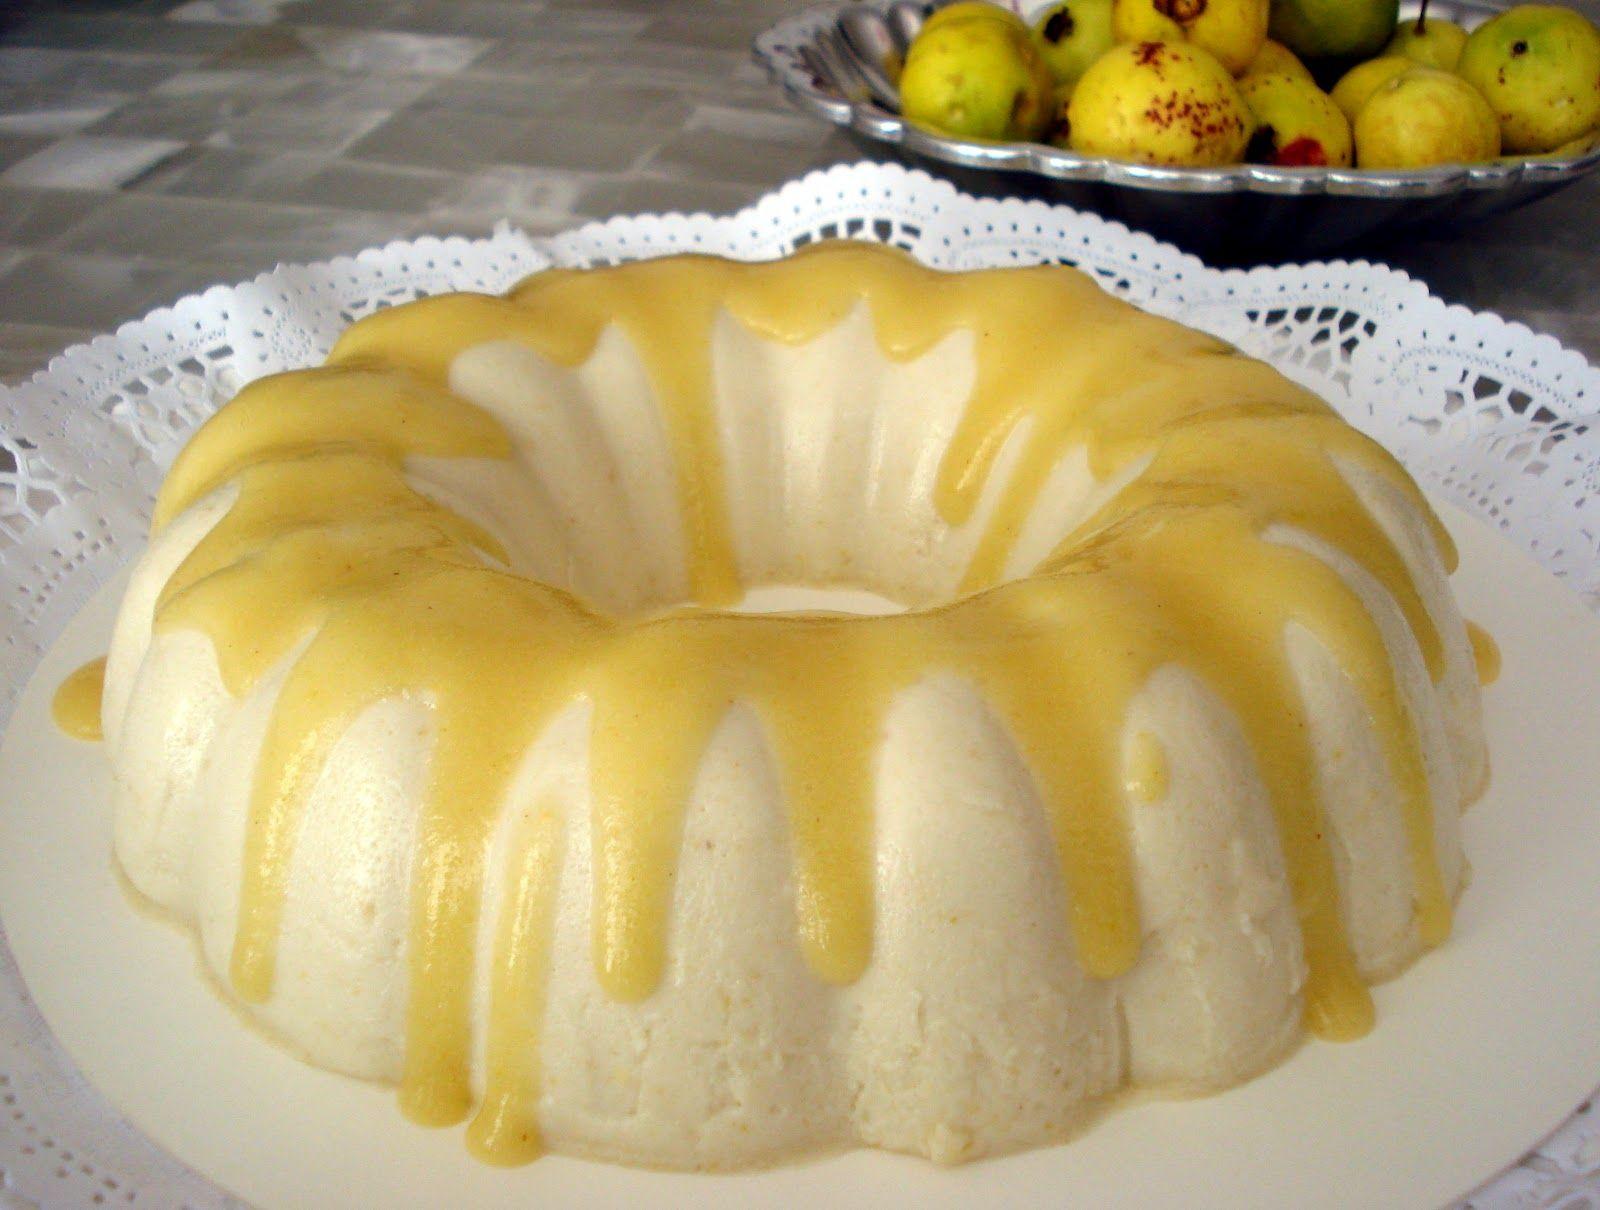 Gelatina de guayaba recipe jello gelatin and food - Gelatina leche condensada ...